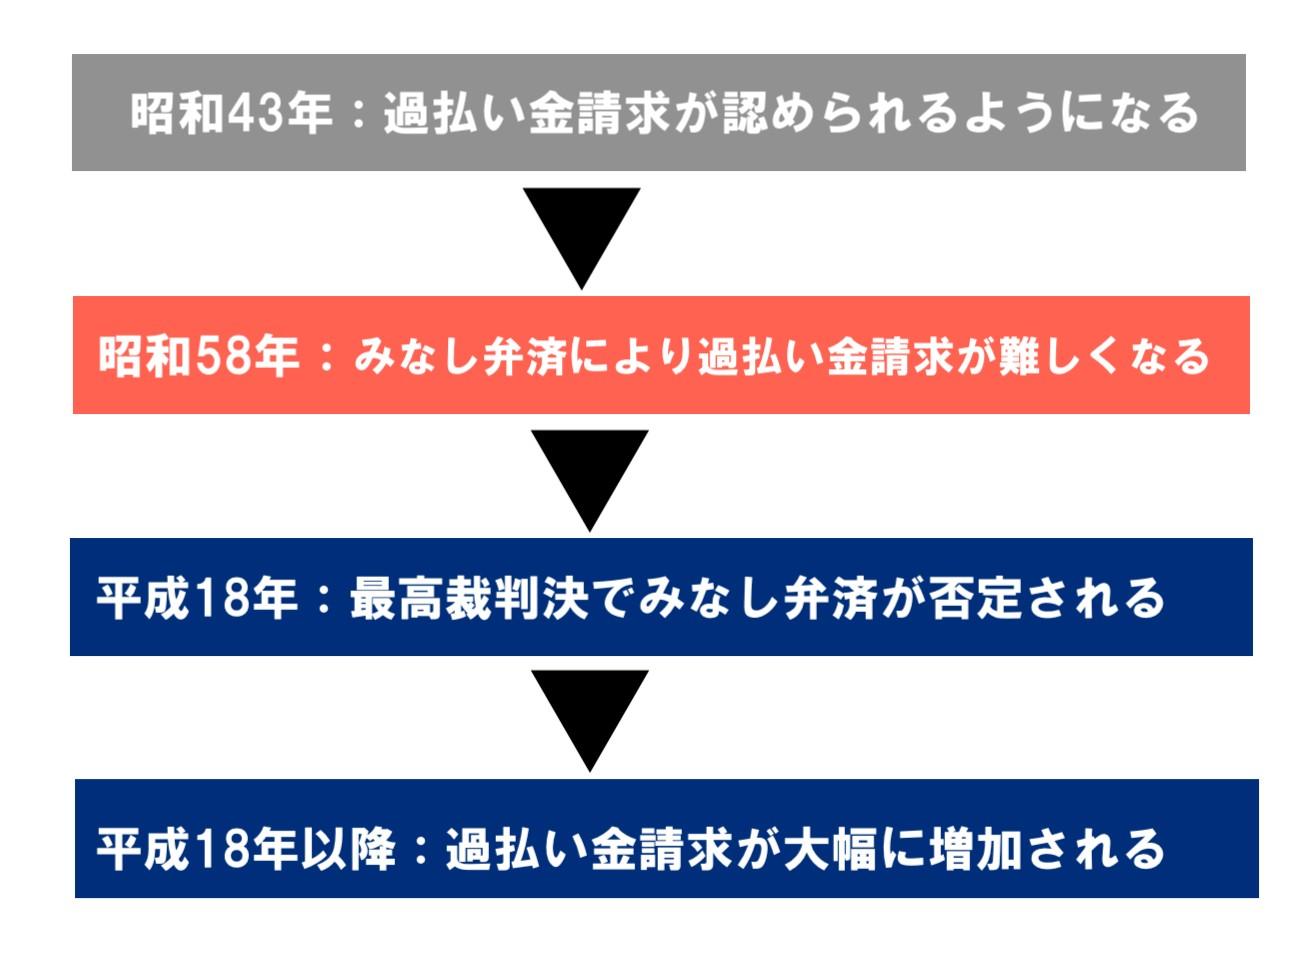 昭和43年に過払い金請求が初めて過払い金請求が認められたが平成18年の最高裁判決までは請求件数はそこまで多くなかった